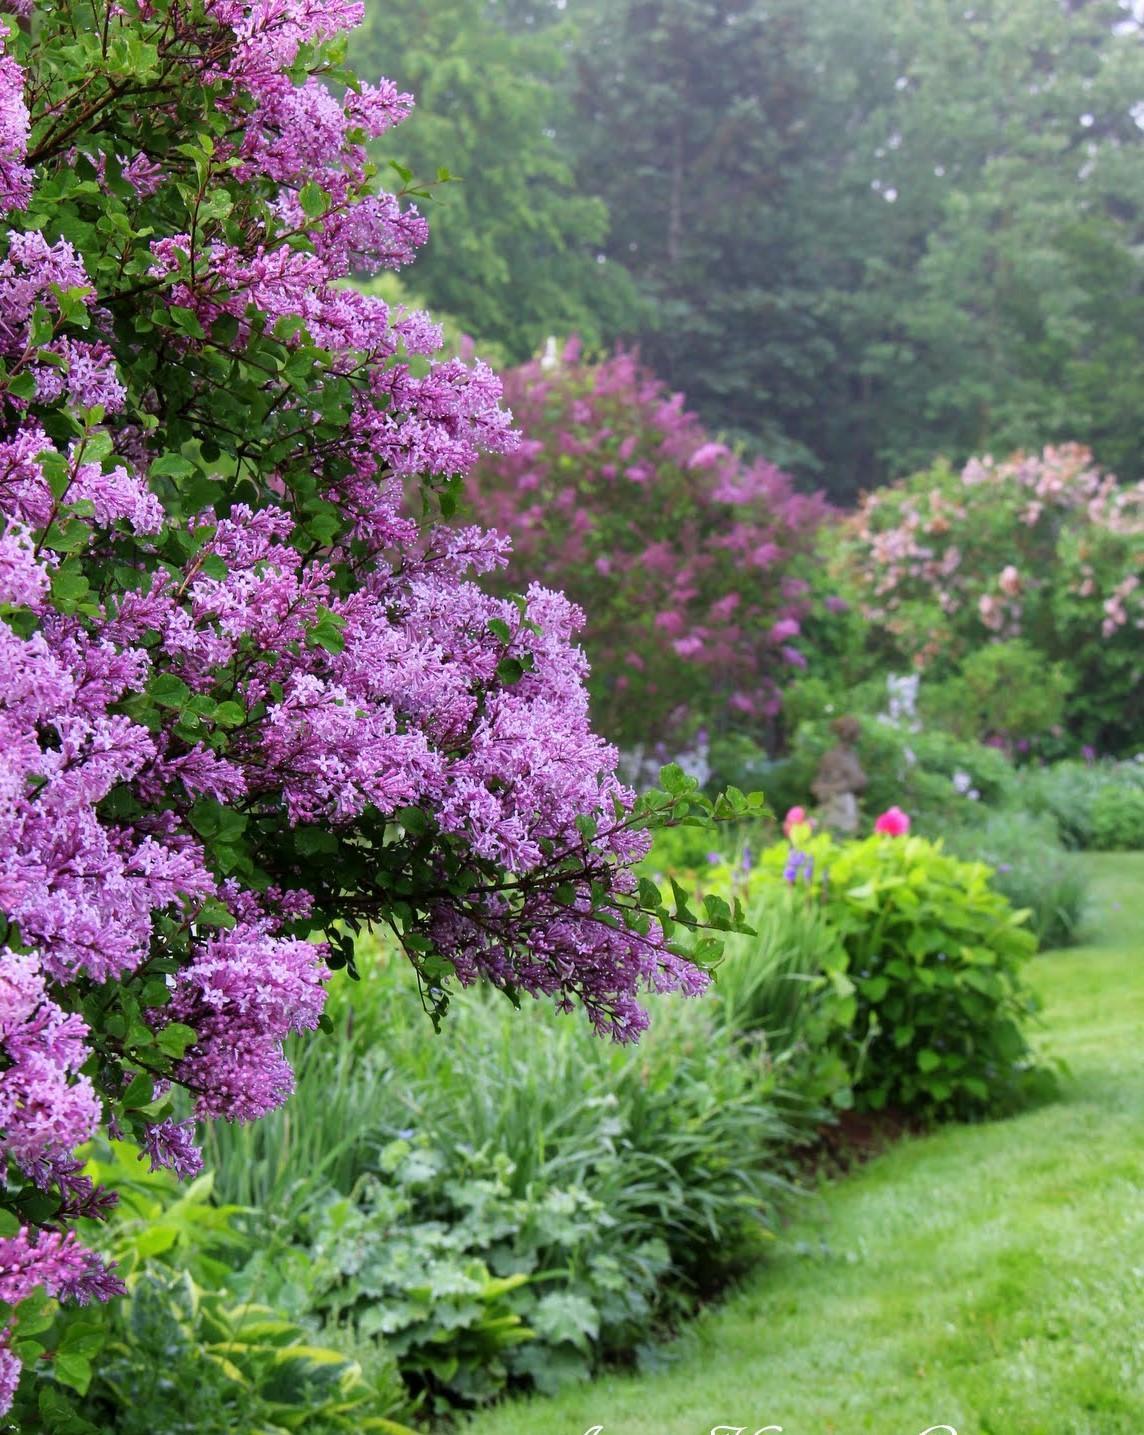 Záhrada,ktorá ťa nikdy neomrzí...divoká a krásna - Obrázok č. 36